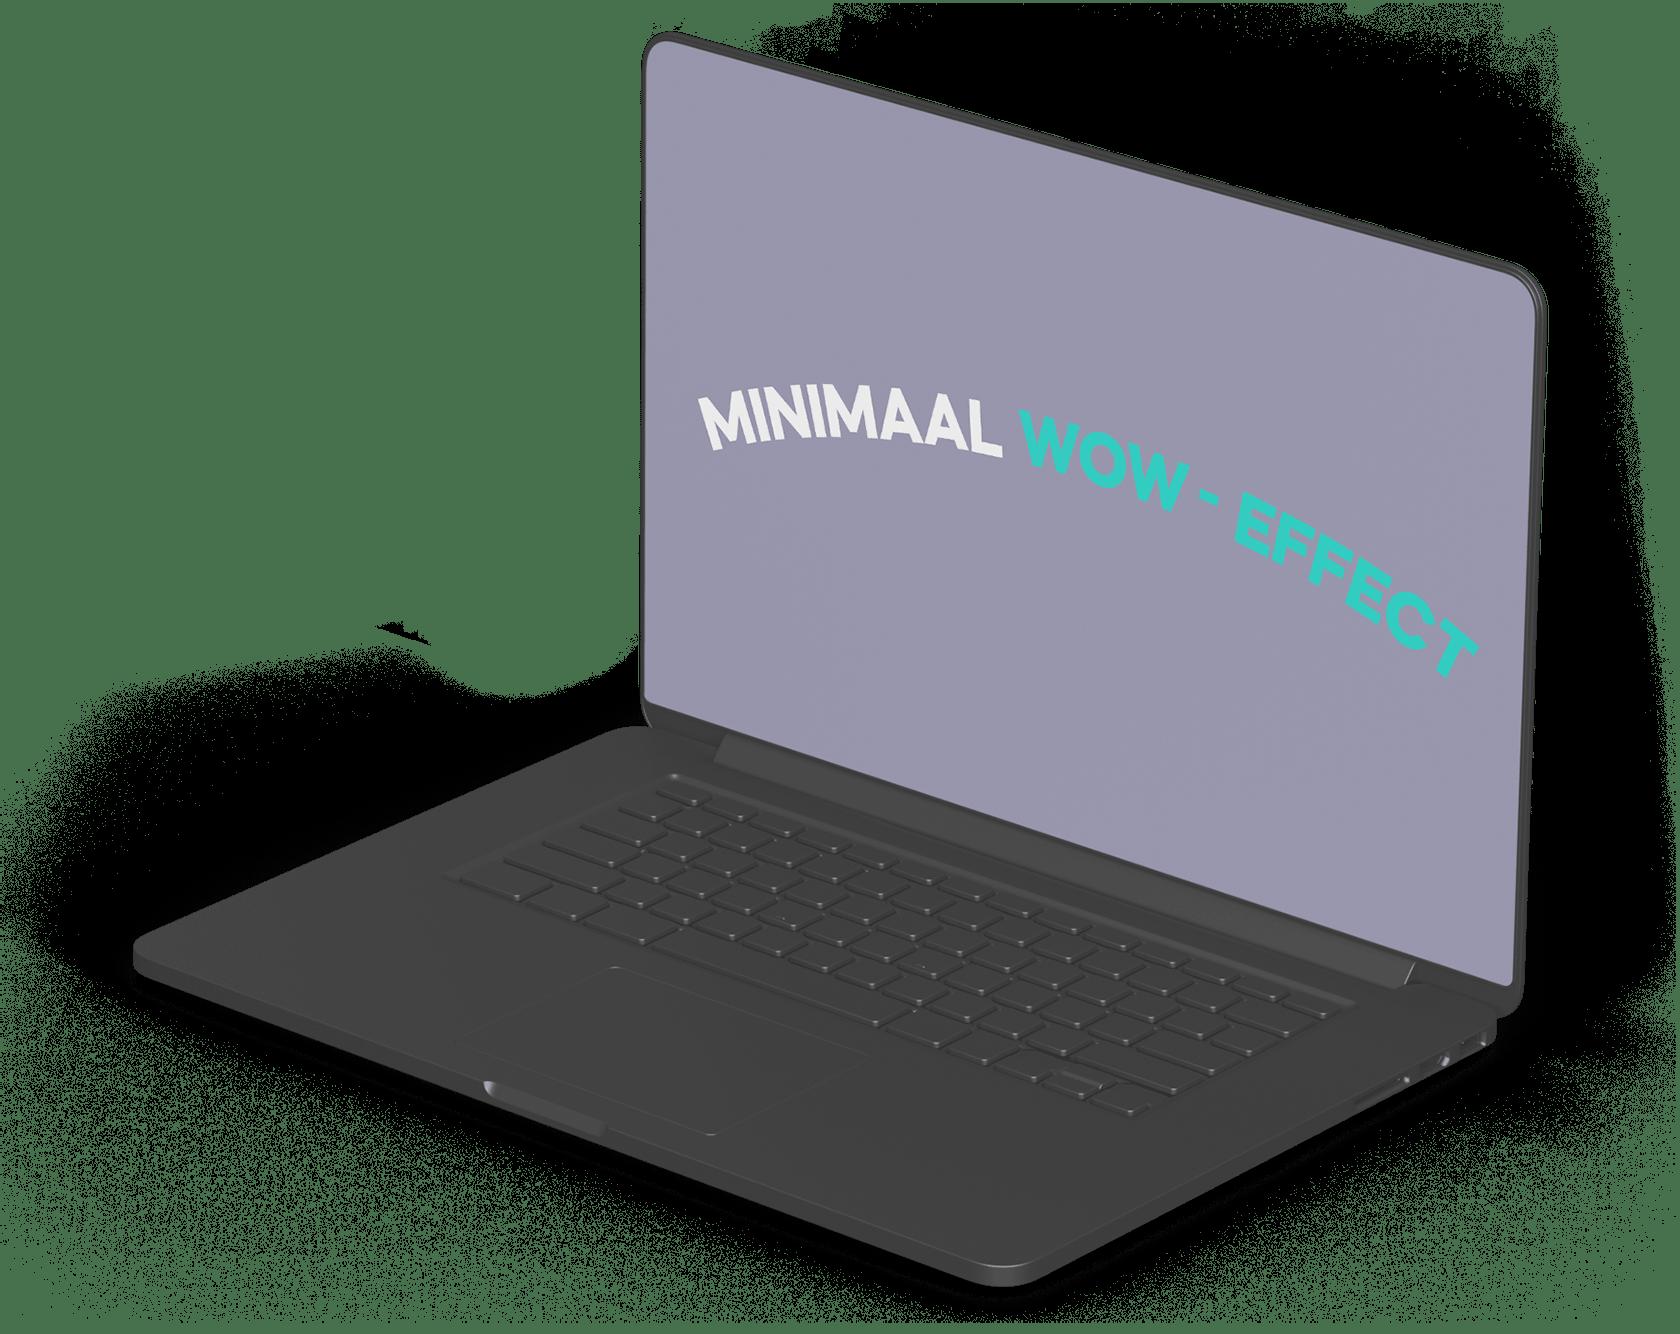 Laptop met minimaal wow-effect op derde plek